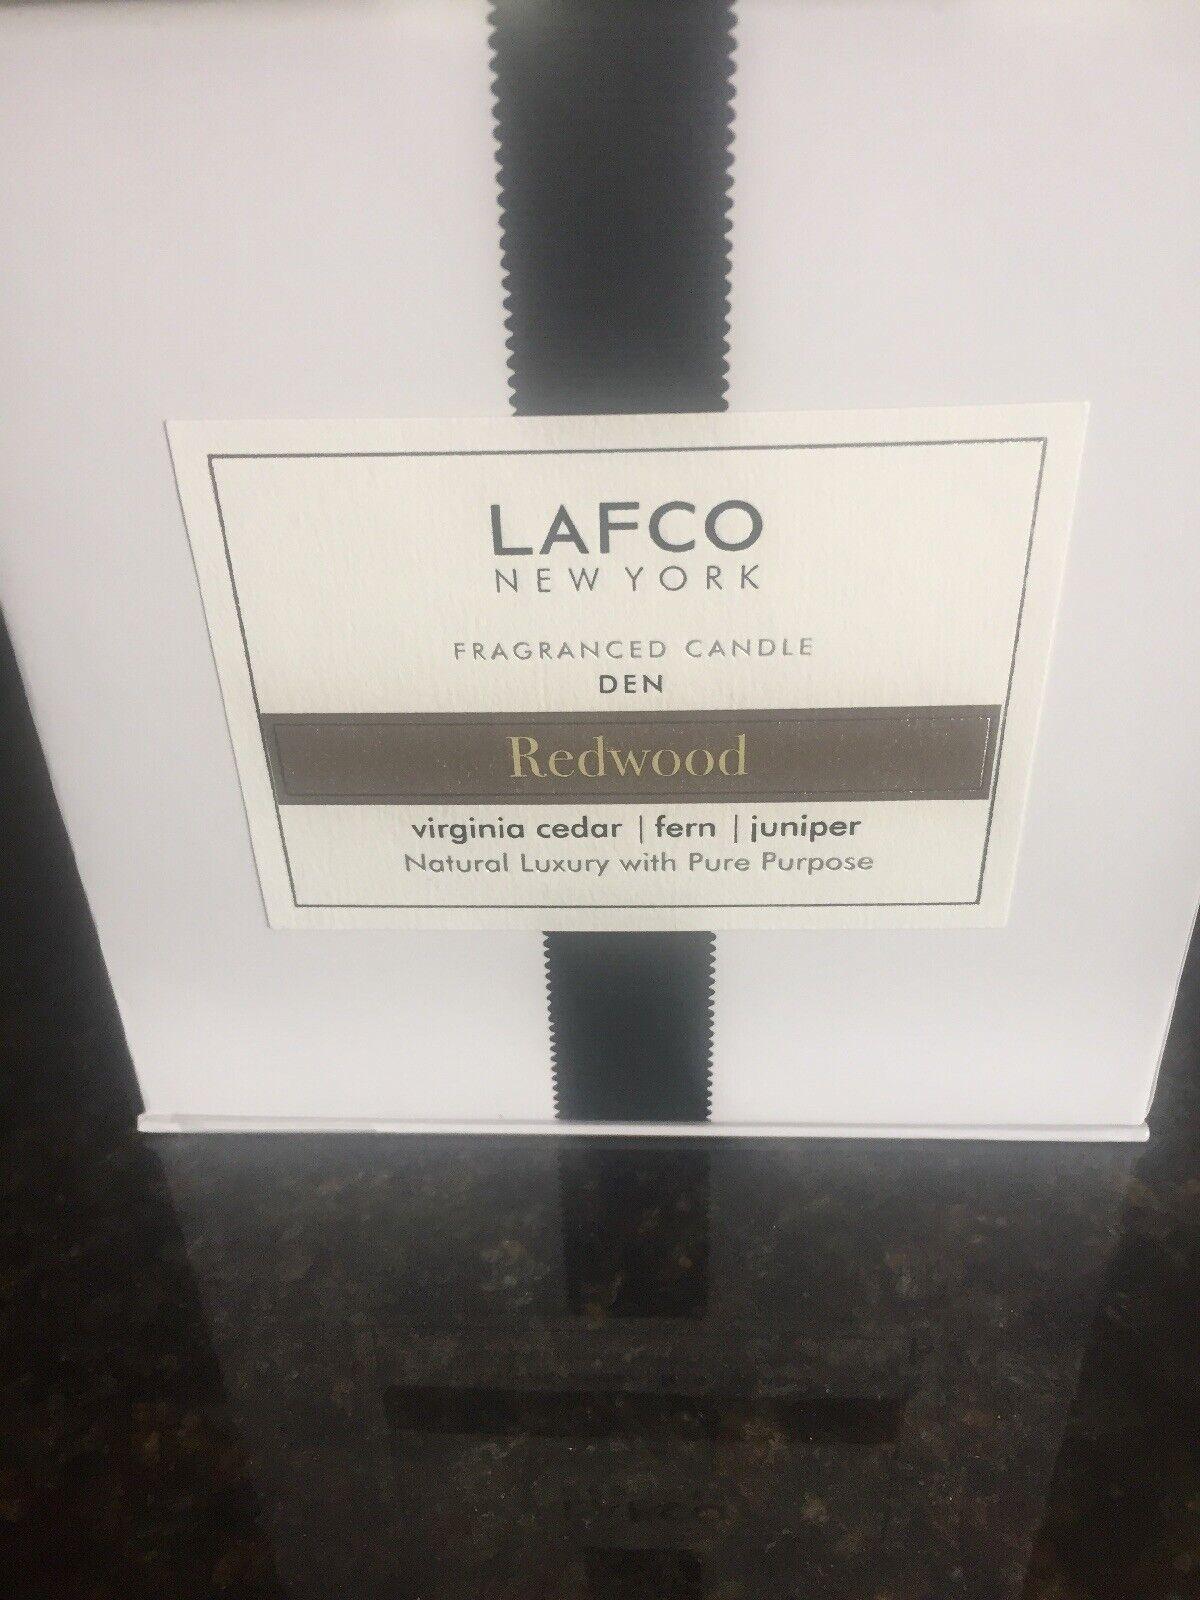 Lafco Den rotwood Luxury Candle Virginia Cedar Fern Juniper 15.5 oz Soy Wax